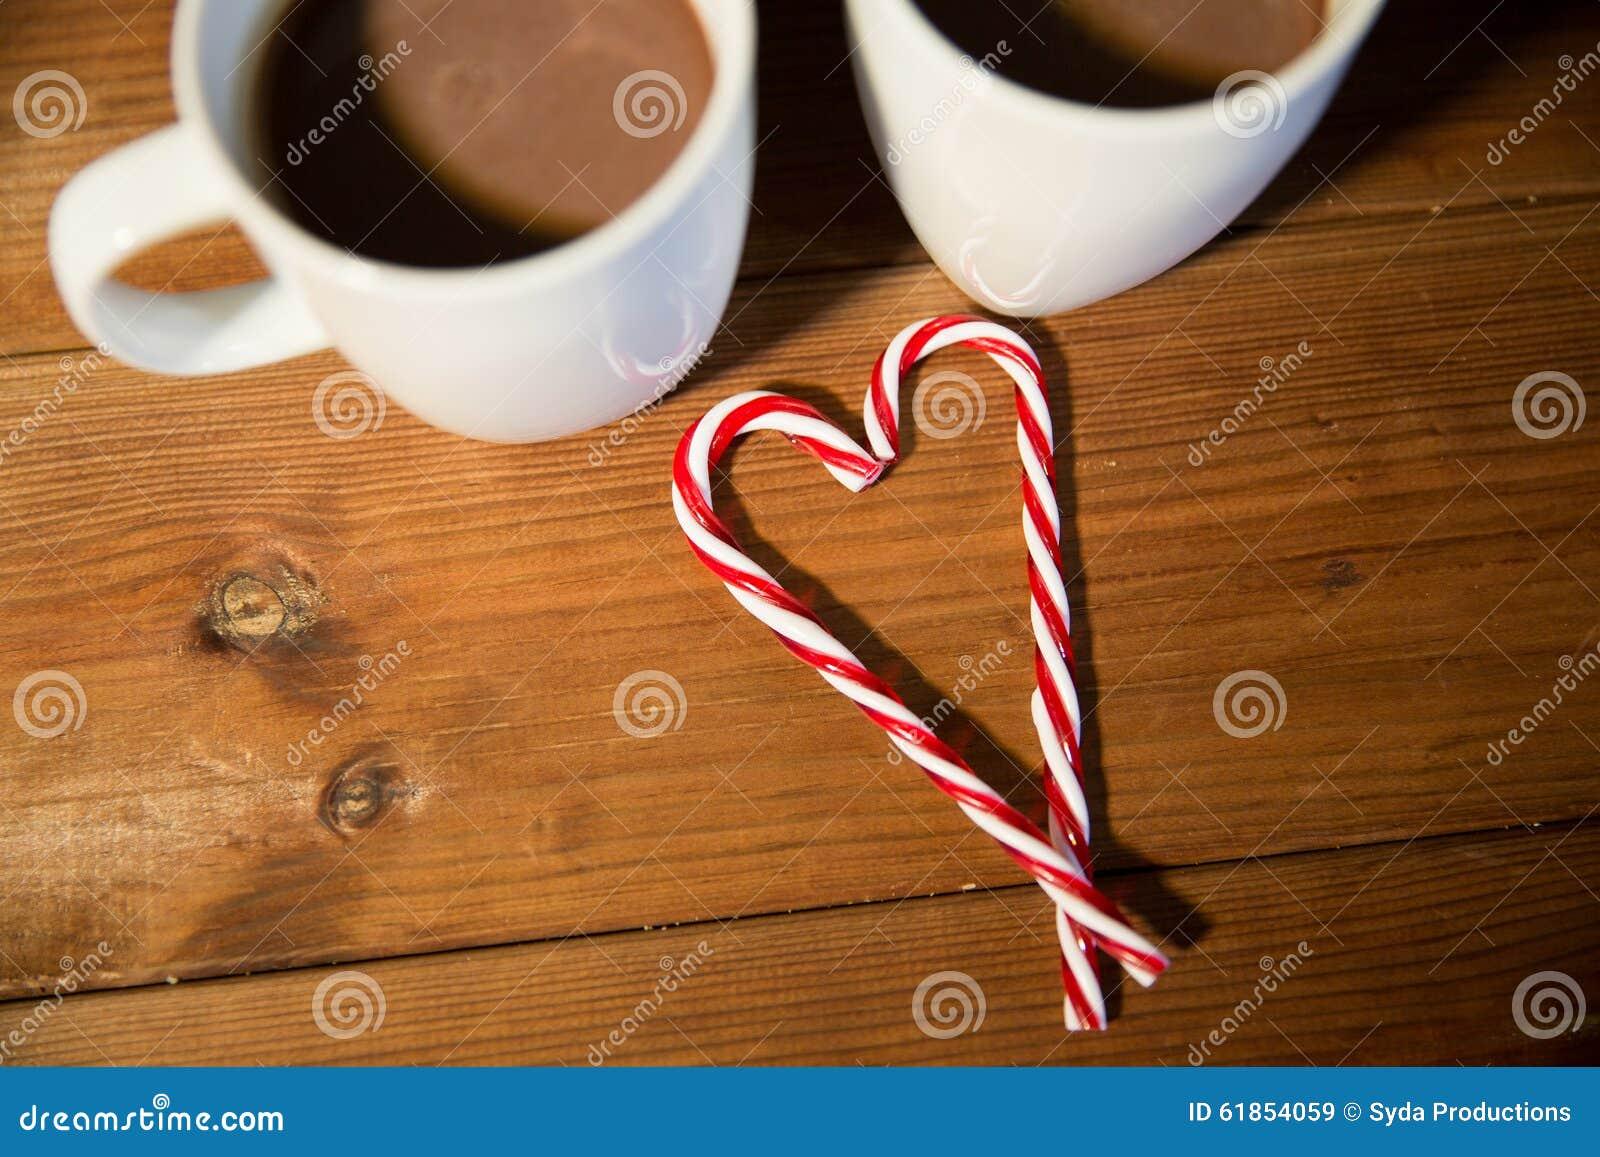 weihnachtszuckerstangen und schalen auf holztisch stockbild bild von tabelle fr hlich 61854059. Black Bedroom Furniture Sets. Home Design Ideas